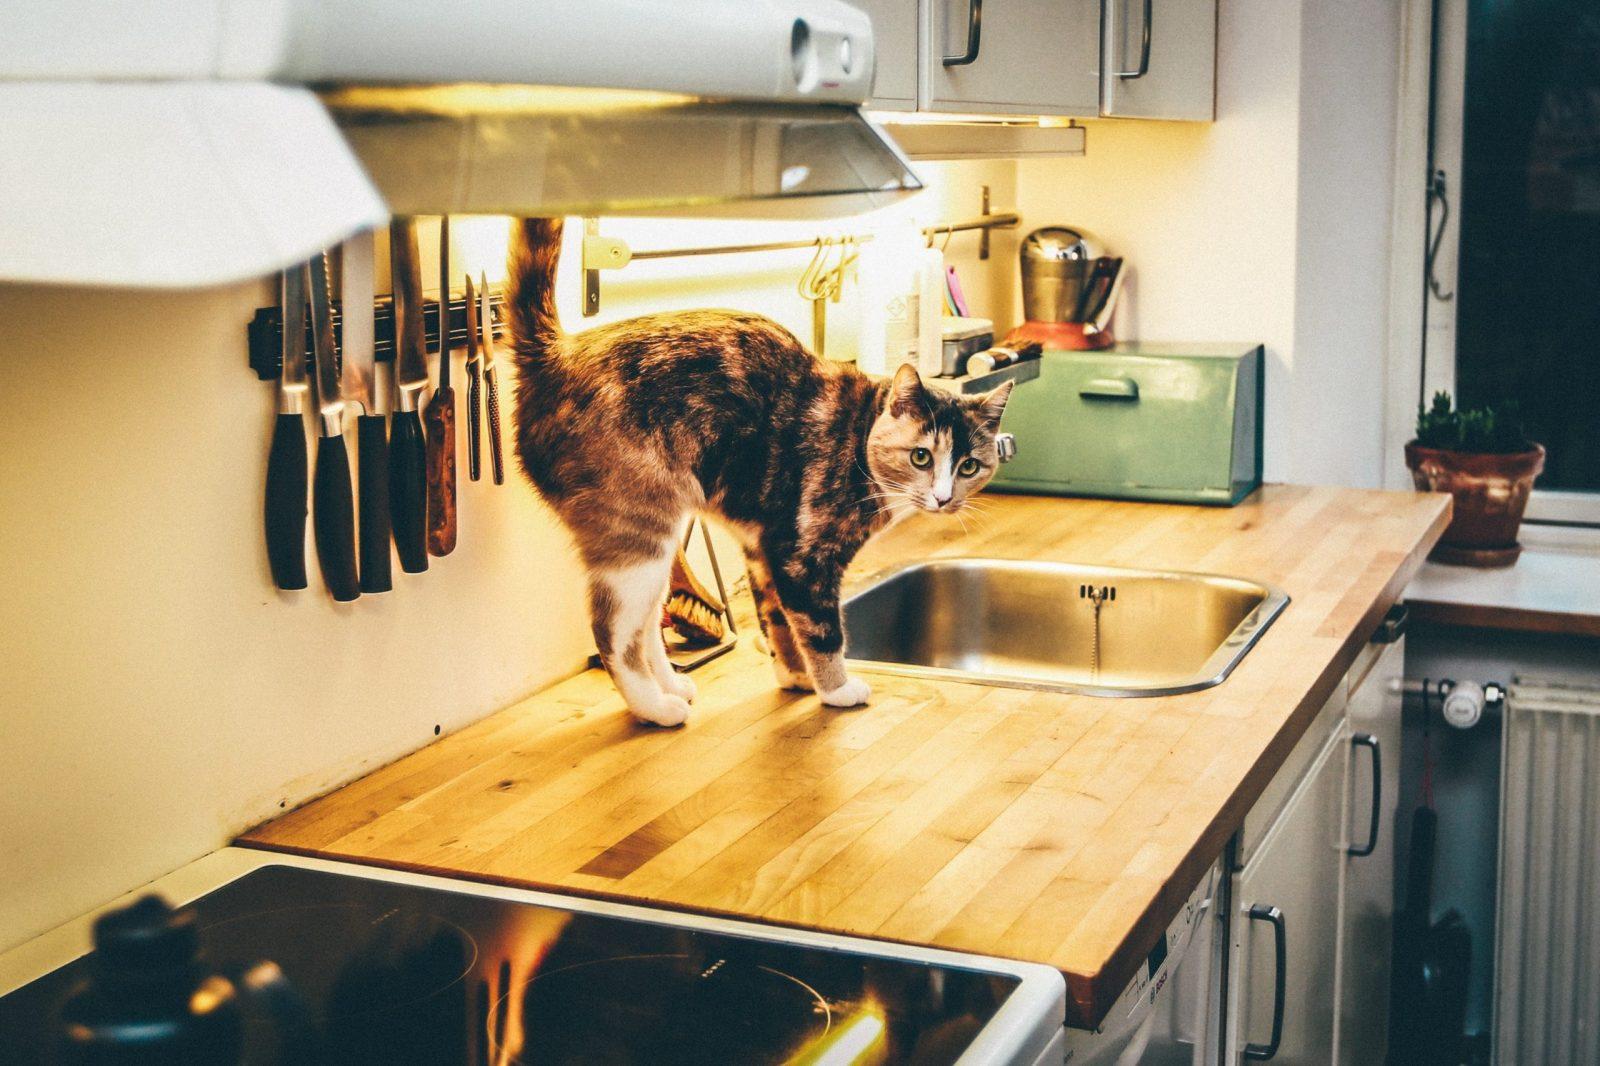 Kitchen Sink Research